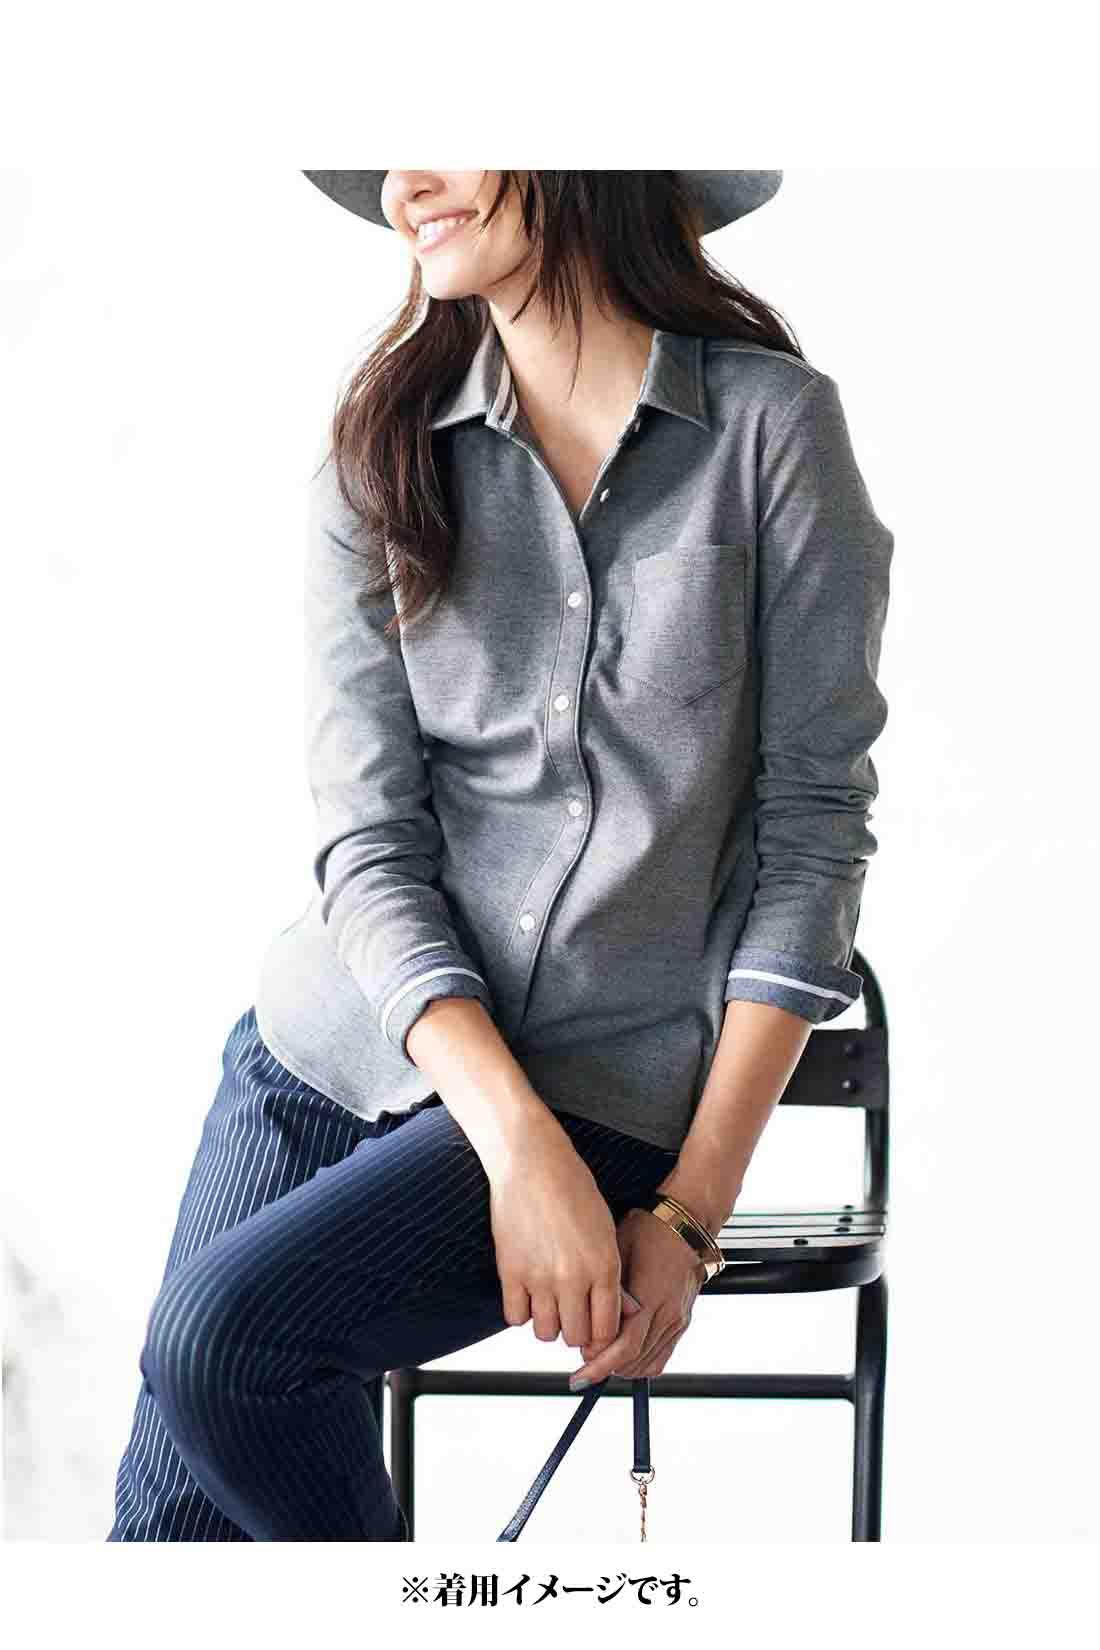 気軽に袖を通せるやわらかくこなれ感漂うシャツ仕立て。ボタンを開けて着ることまで計算ずくのデザインだから、ハンサムなパンツスタイルでも女っぽい。